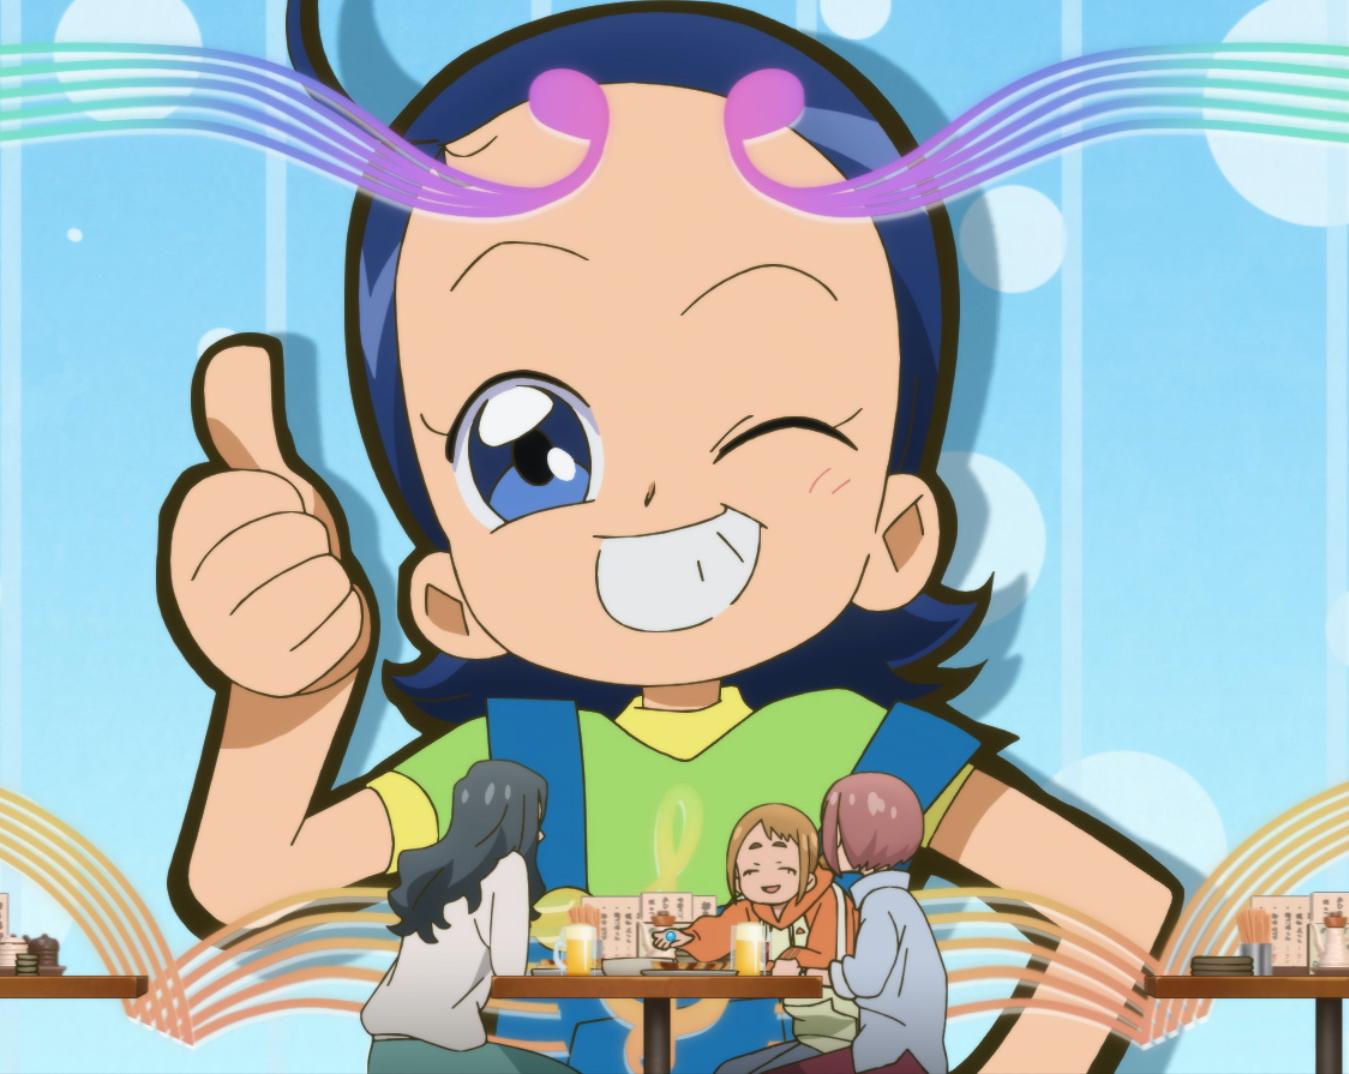 戦隊モノ、バトルアニメ......<br/>歴代青キャラクター、徹底分析!<br/>【ブルーに恋して!】